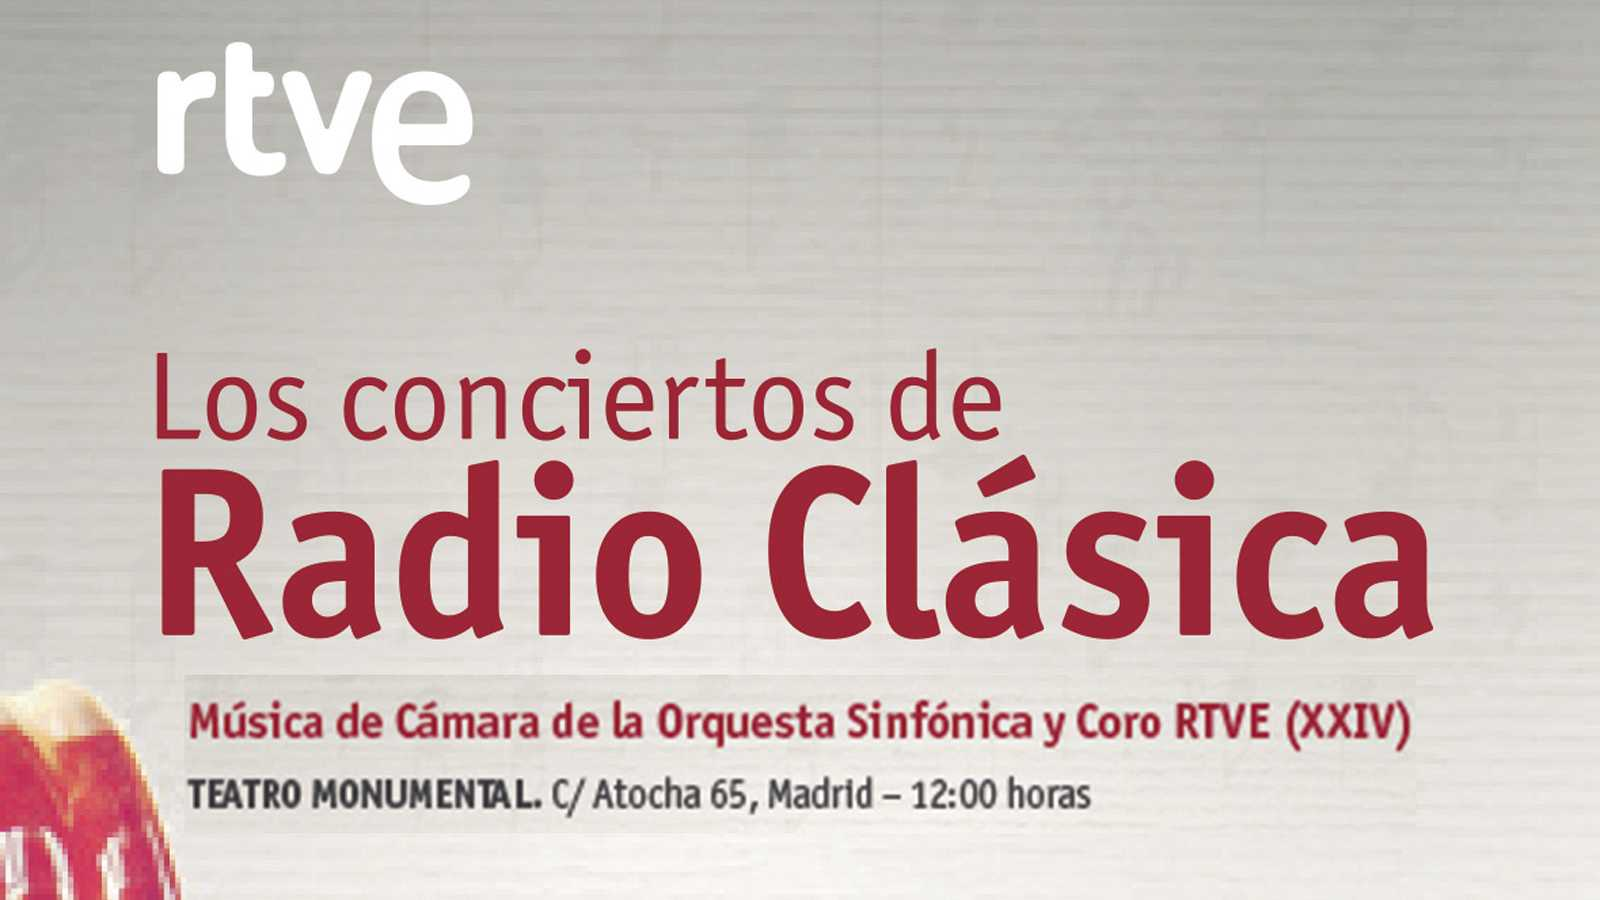 XXIV Ciclo de Música de Cámara de la Orquesta Sinfónica y Coro RTVE